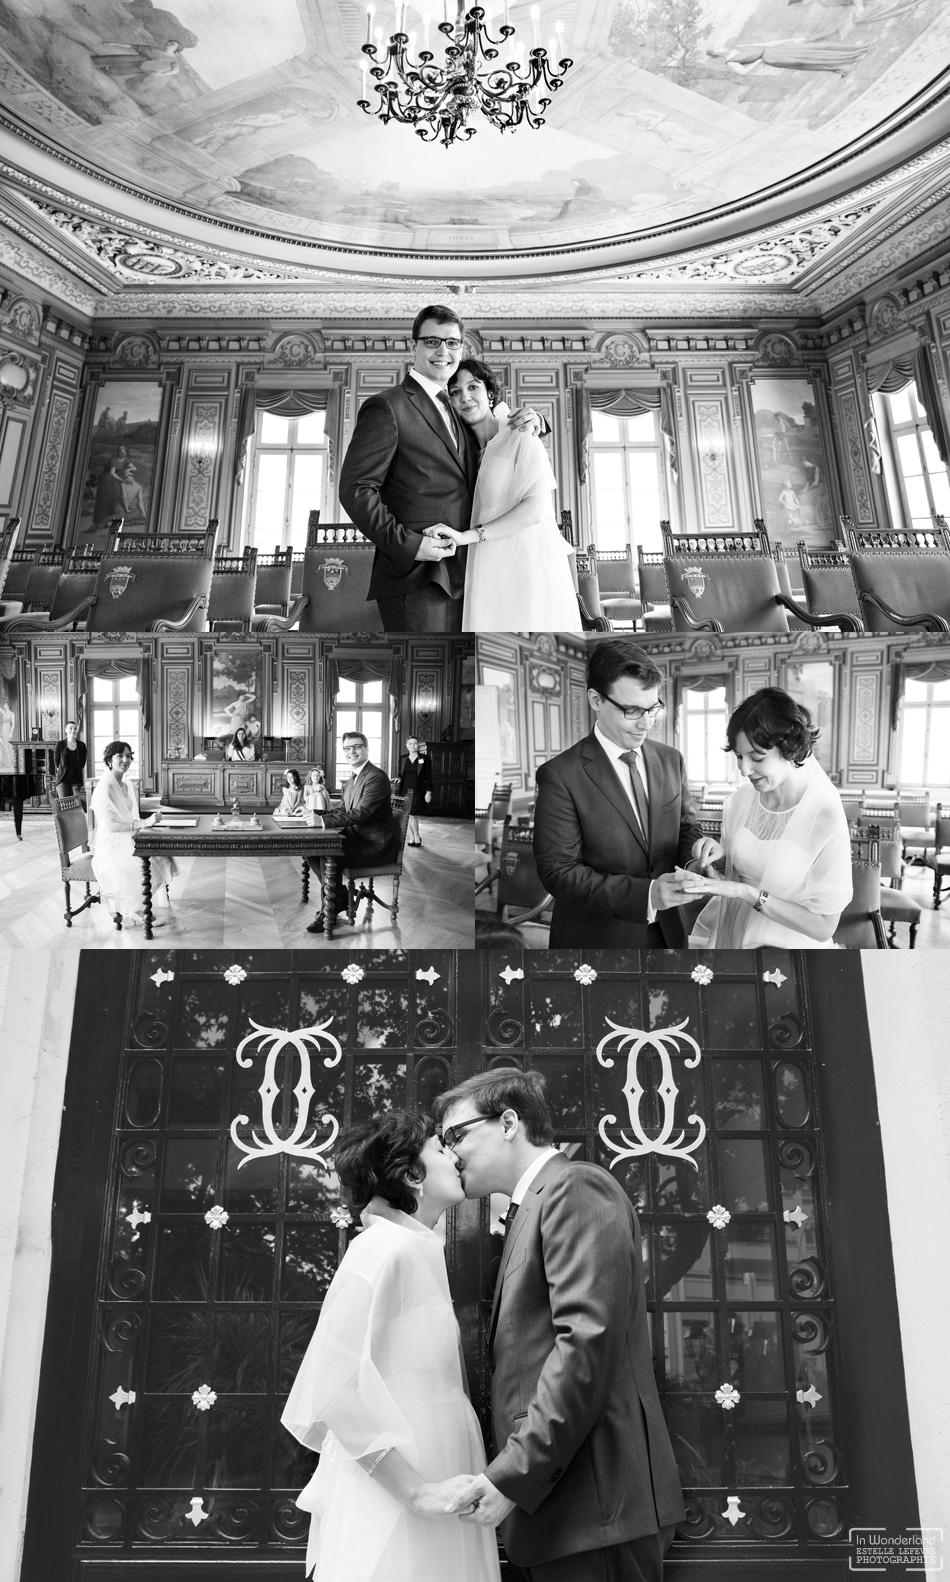 photographe de mariage civil a la mairie de Courbevoie 92